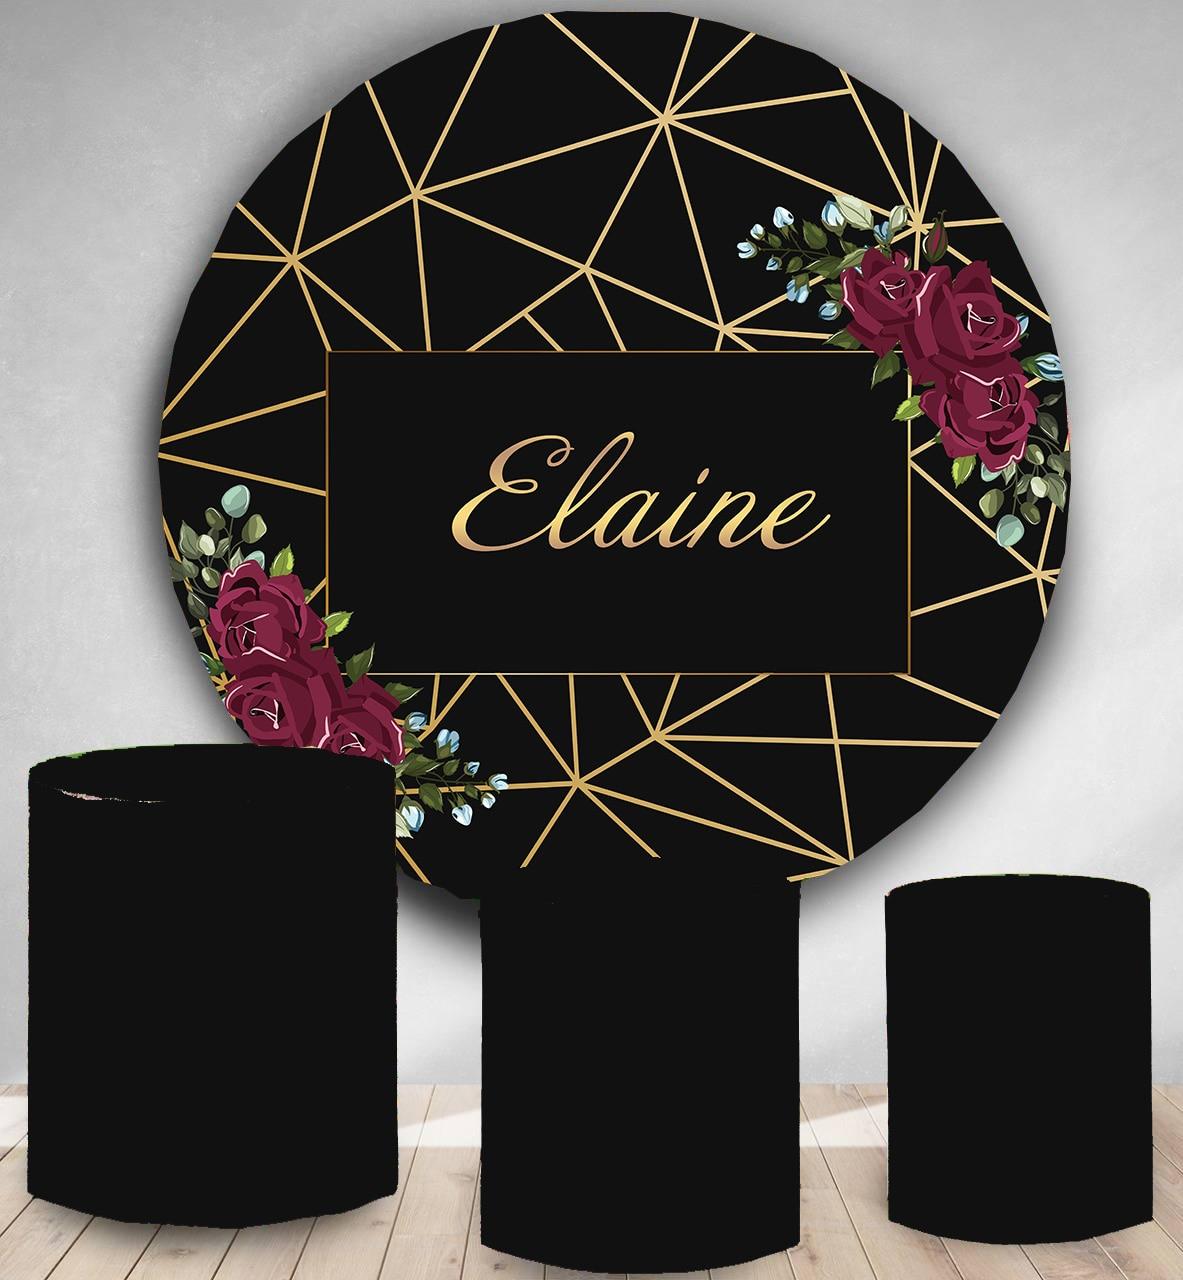 Kreis hintergrund runde fotografie hintergrund hochzeit blume braut dusche schwarz goldene linie süßigkeiten tisch banner party dekoration